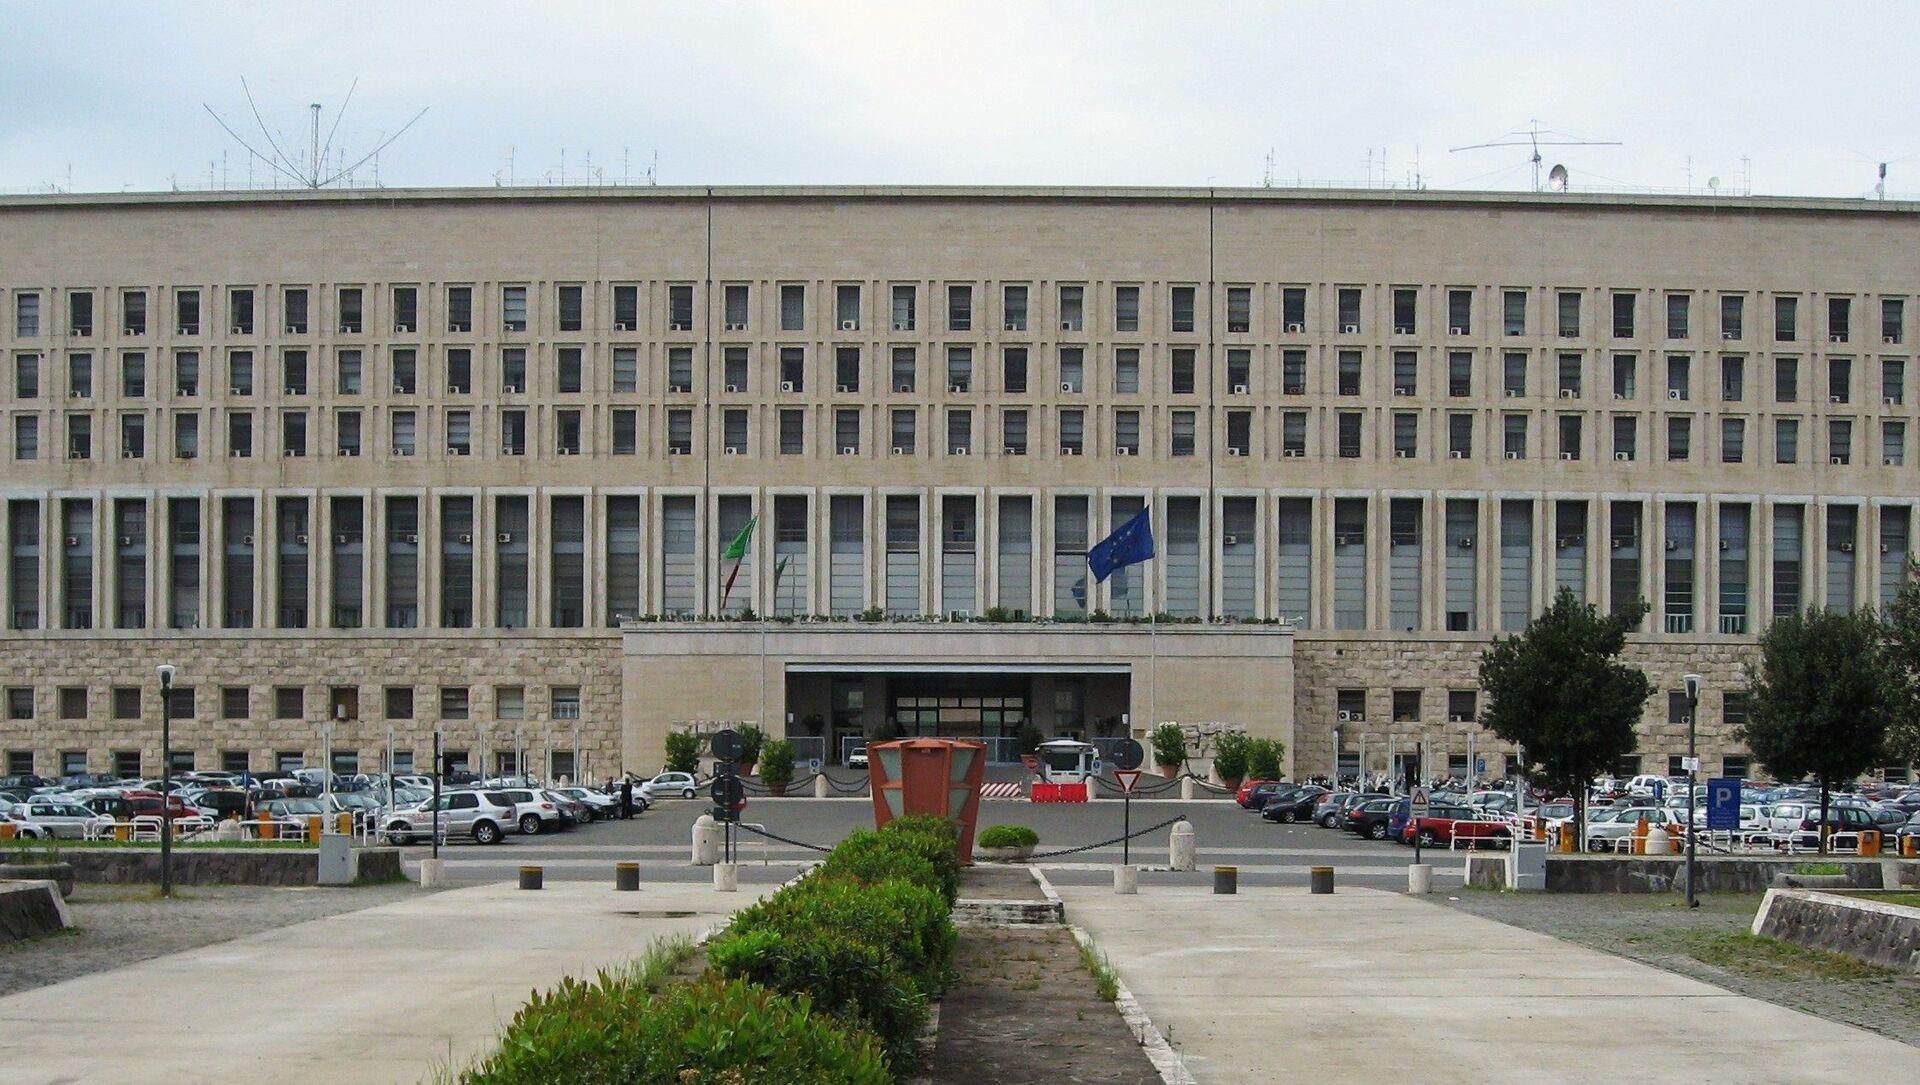 Ministero degli affari esteri e della cooperazione internazionale - Sputnik Italia, 1920, 04.03.2021